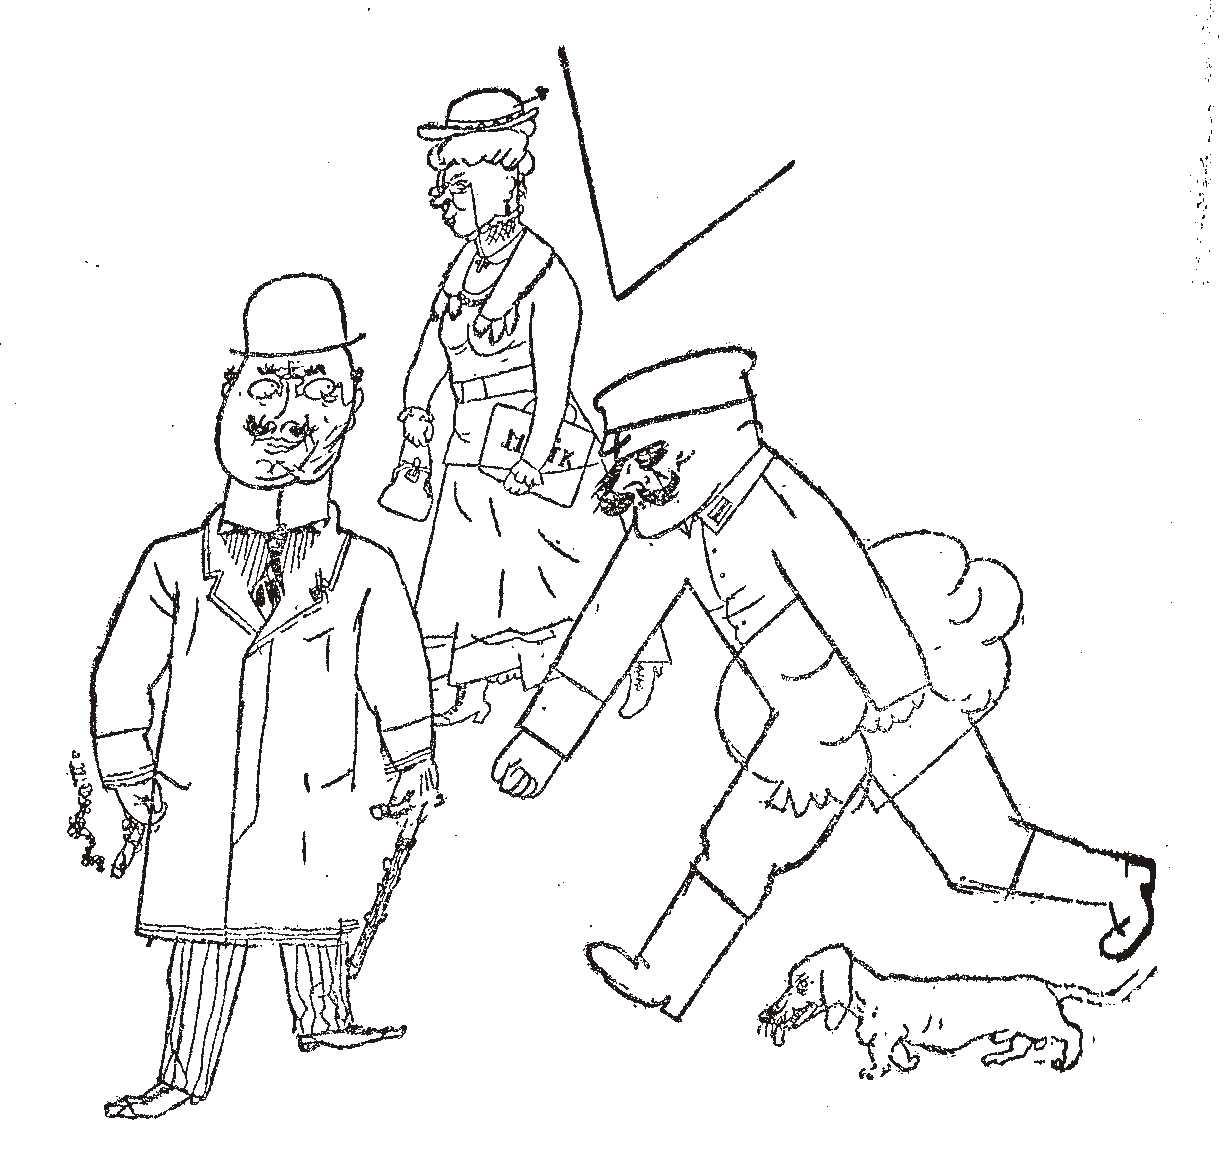 Caricatura di George Grosz